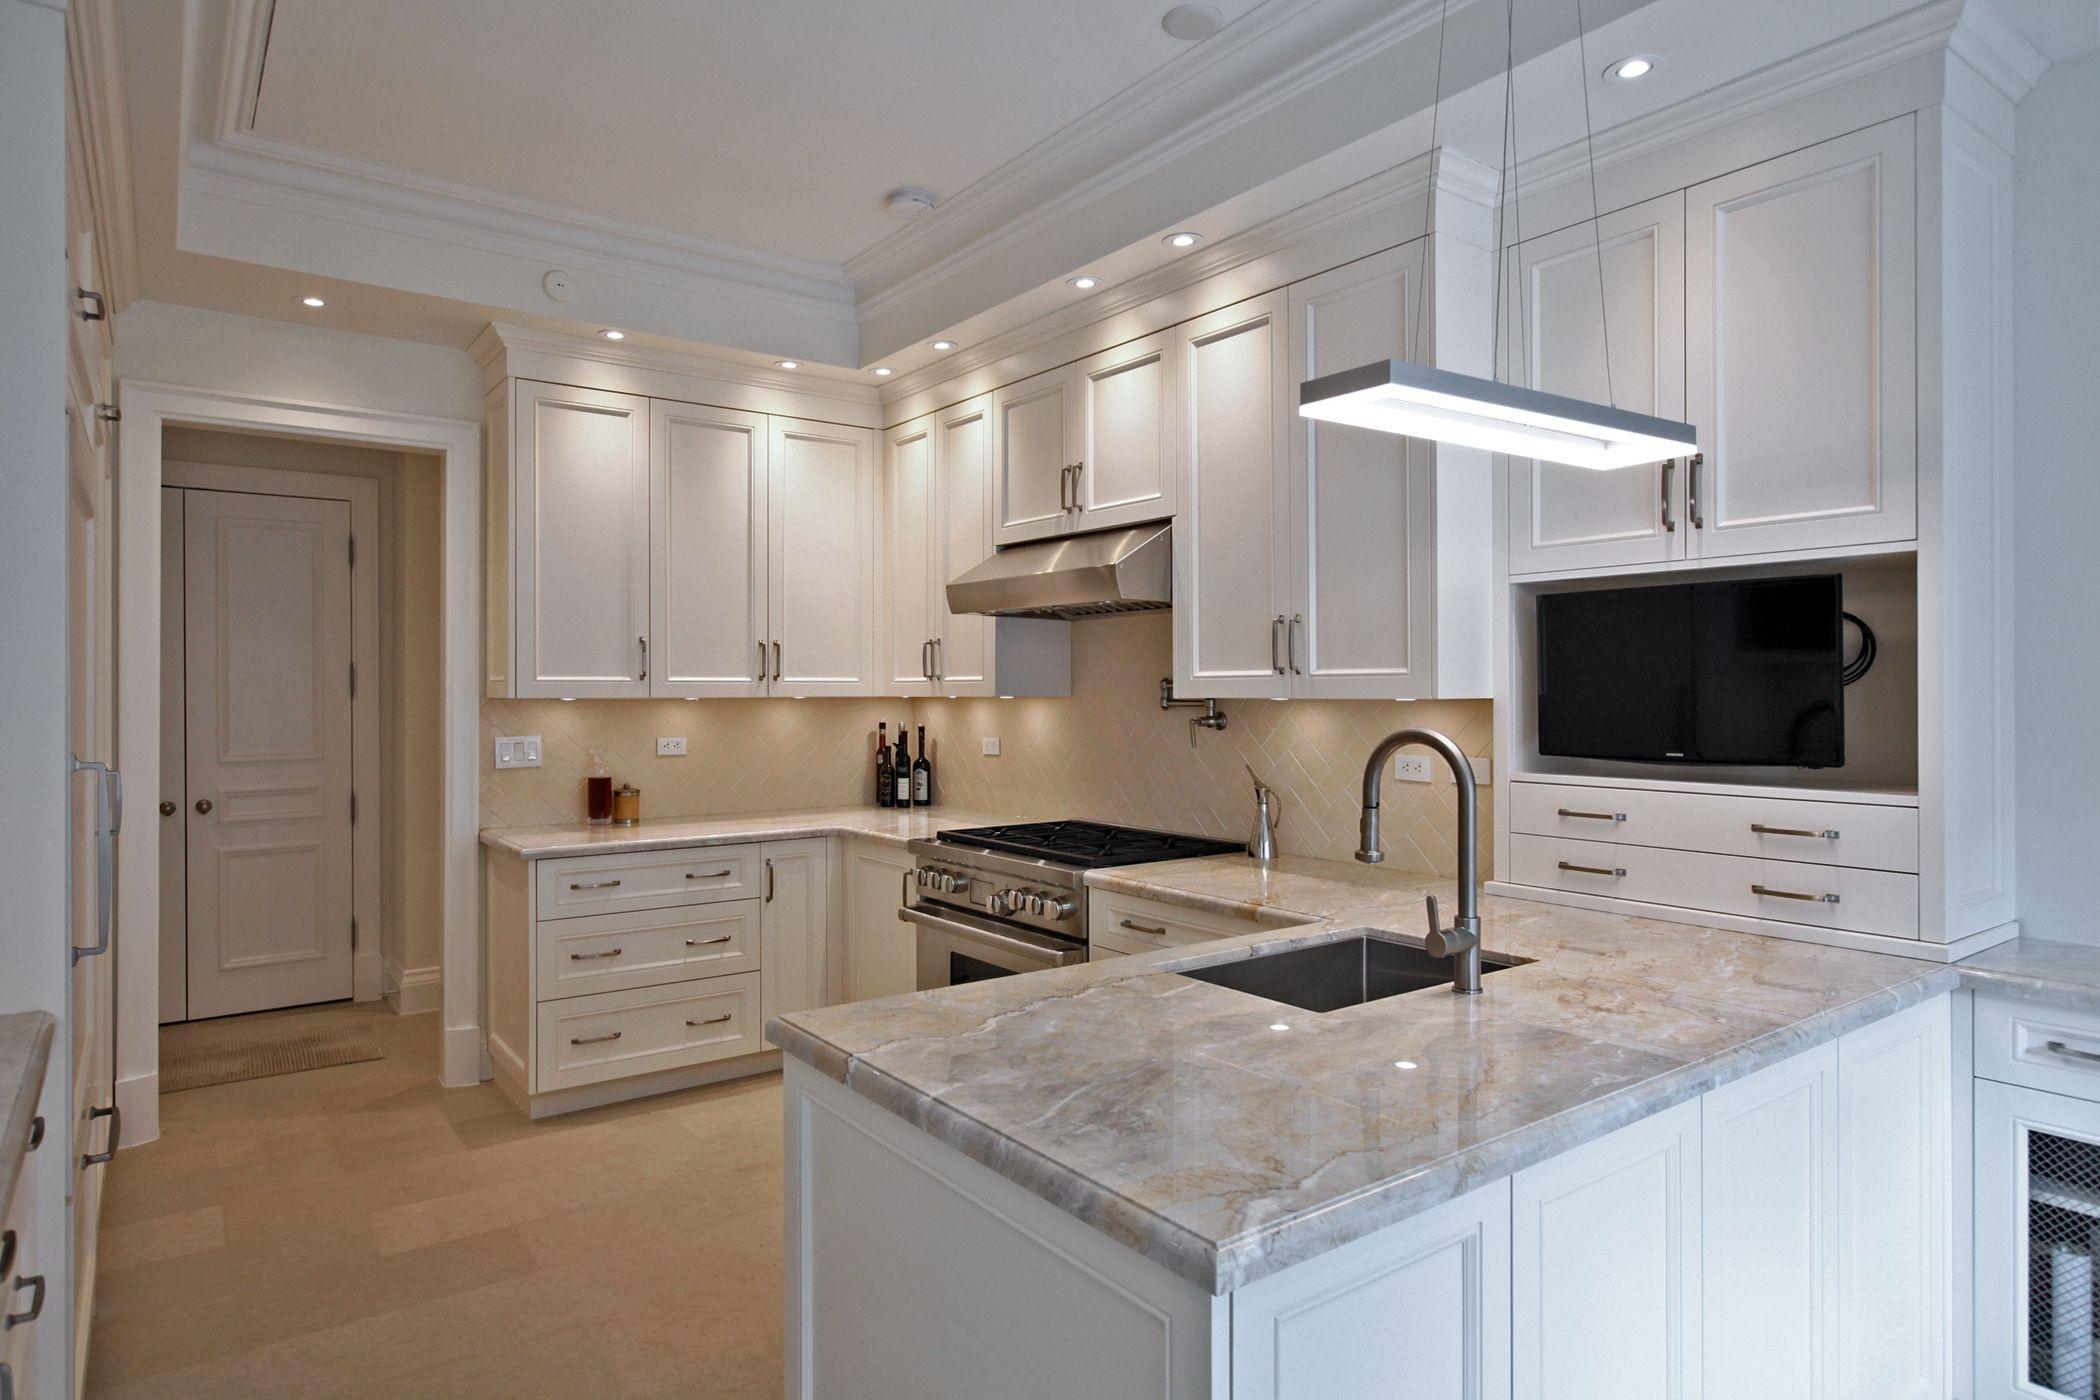 Kitchen Design Deborah Danielsfrench Manufactured And Installed Stunning French Kitchen Design Inspiration